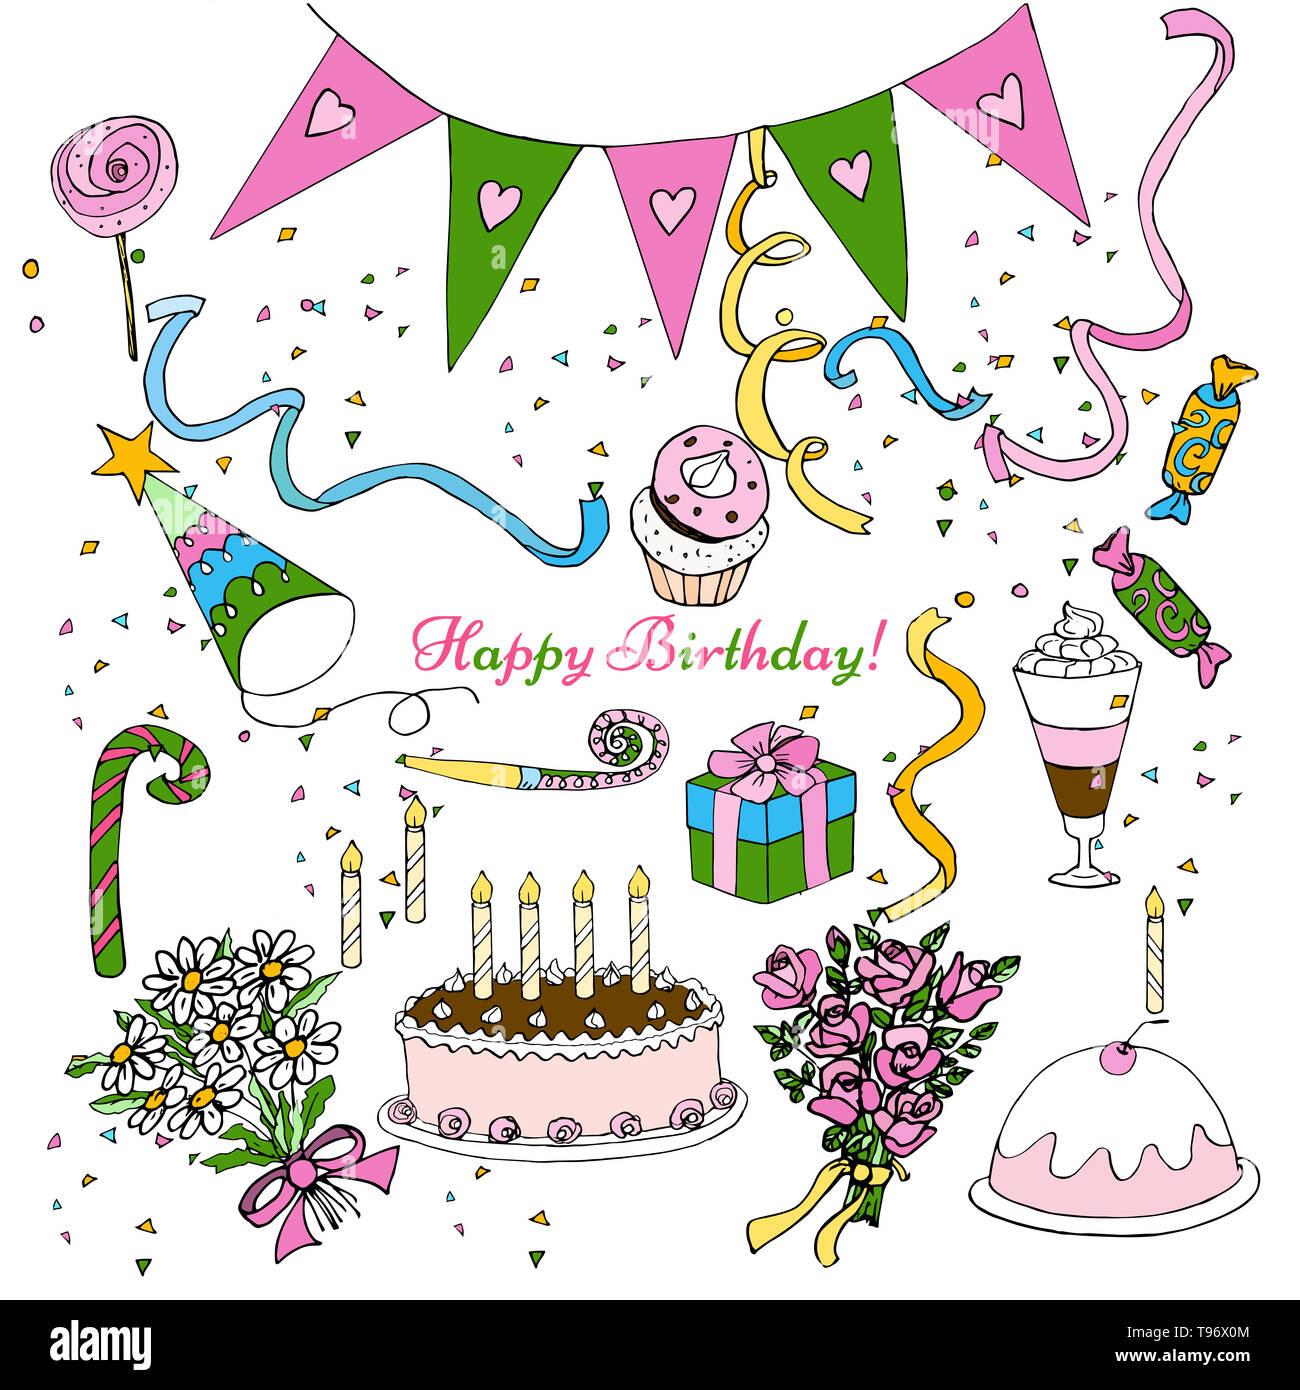 Disegnare a mano festa di compleanno clipart, isolato doodle set decorazione design Immagini Stock